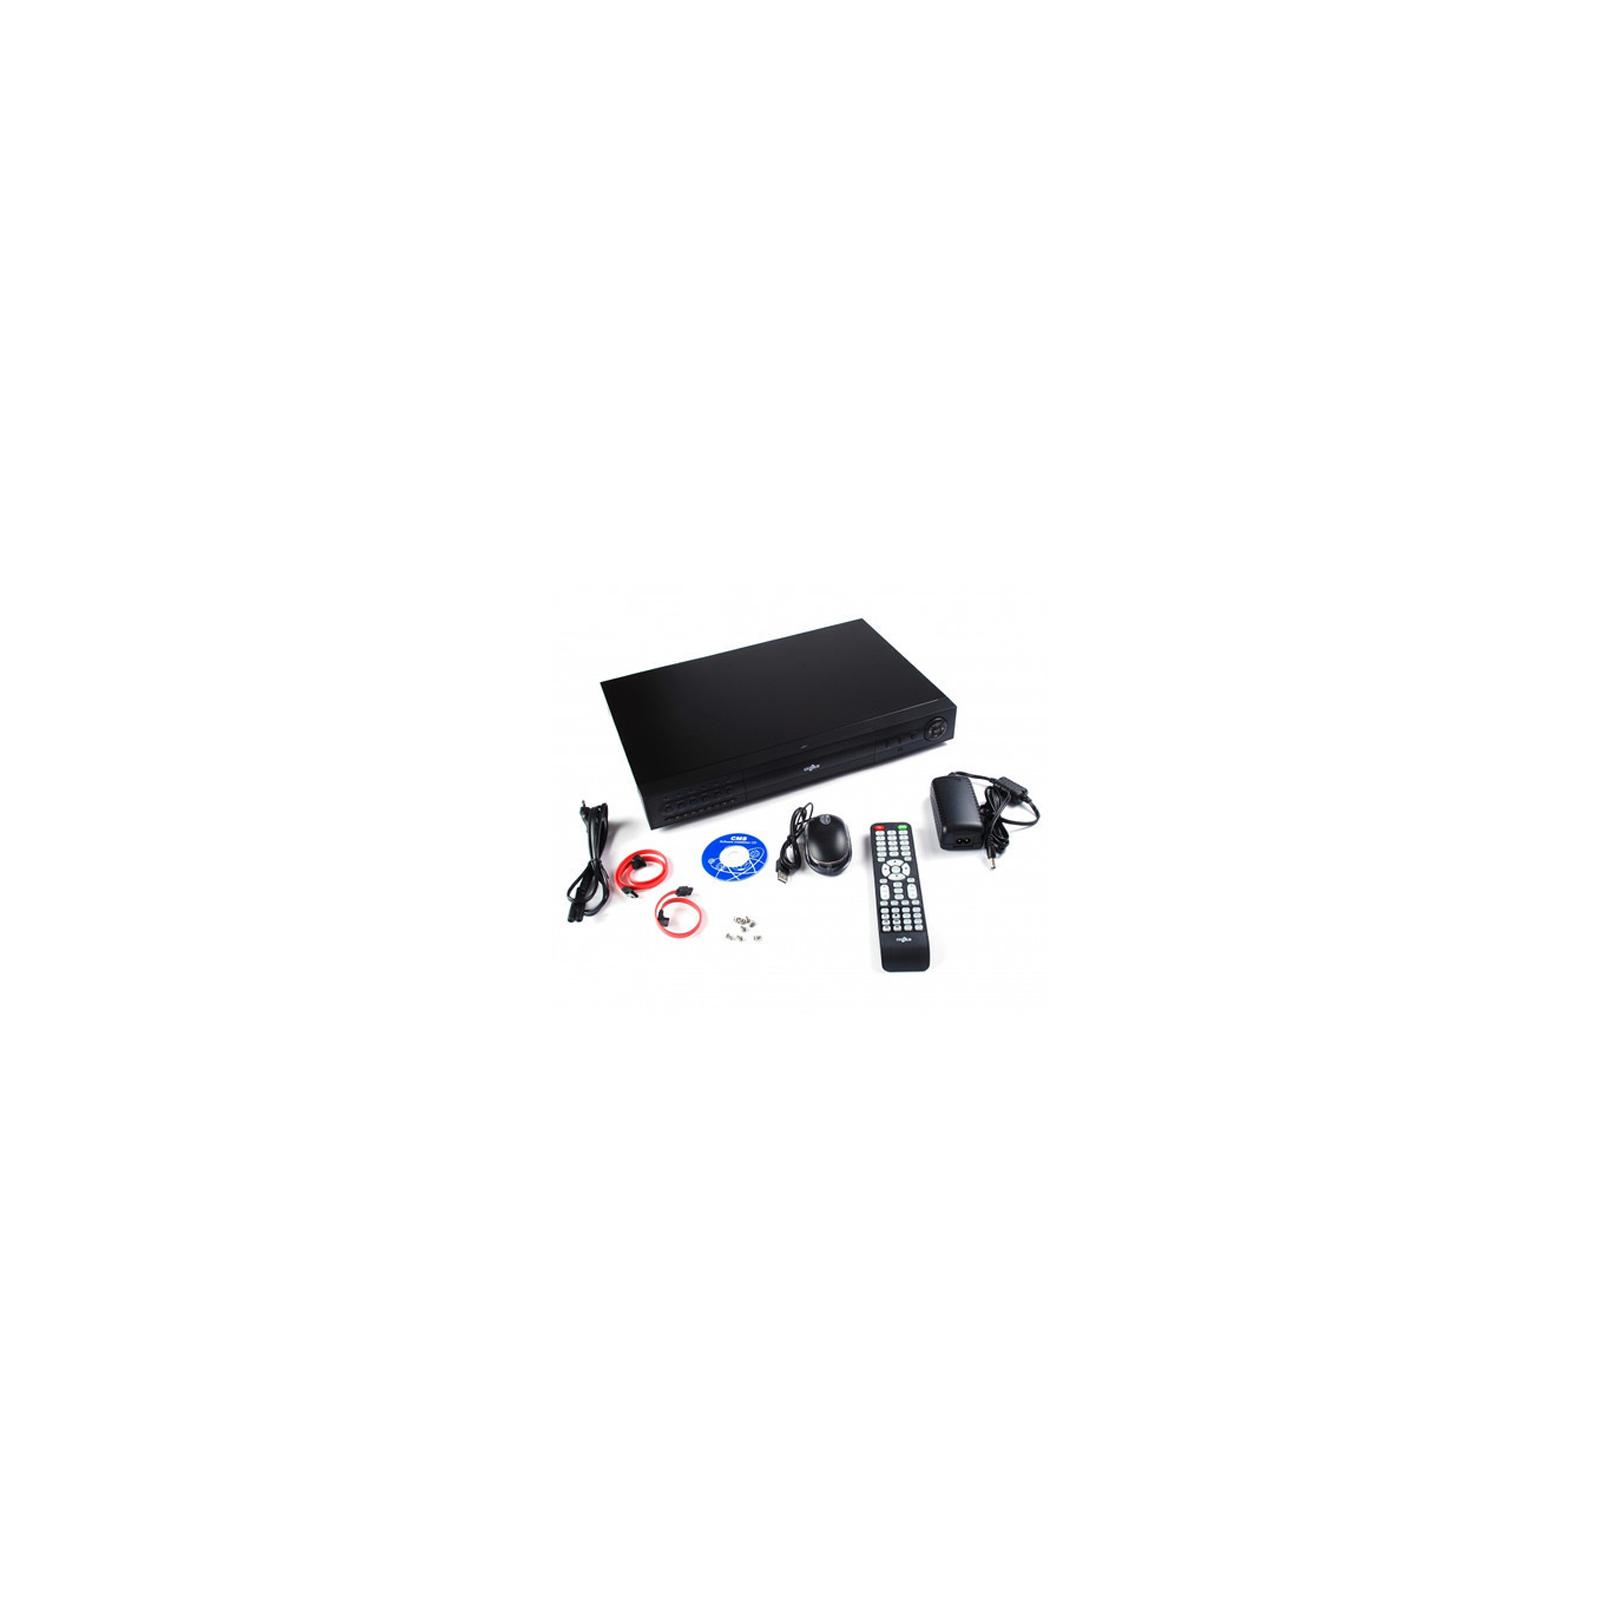 Регистратор для видеонаблюдения Gazer NF304r изображение 4